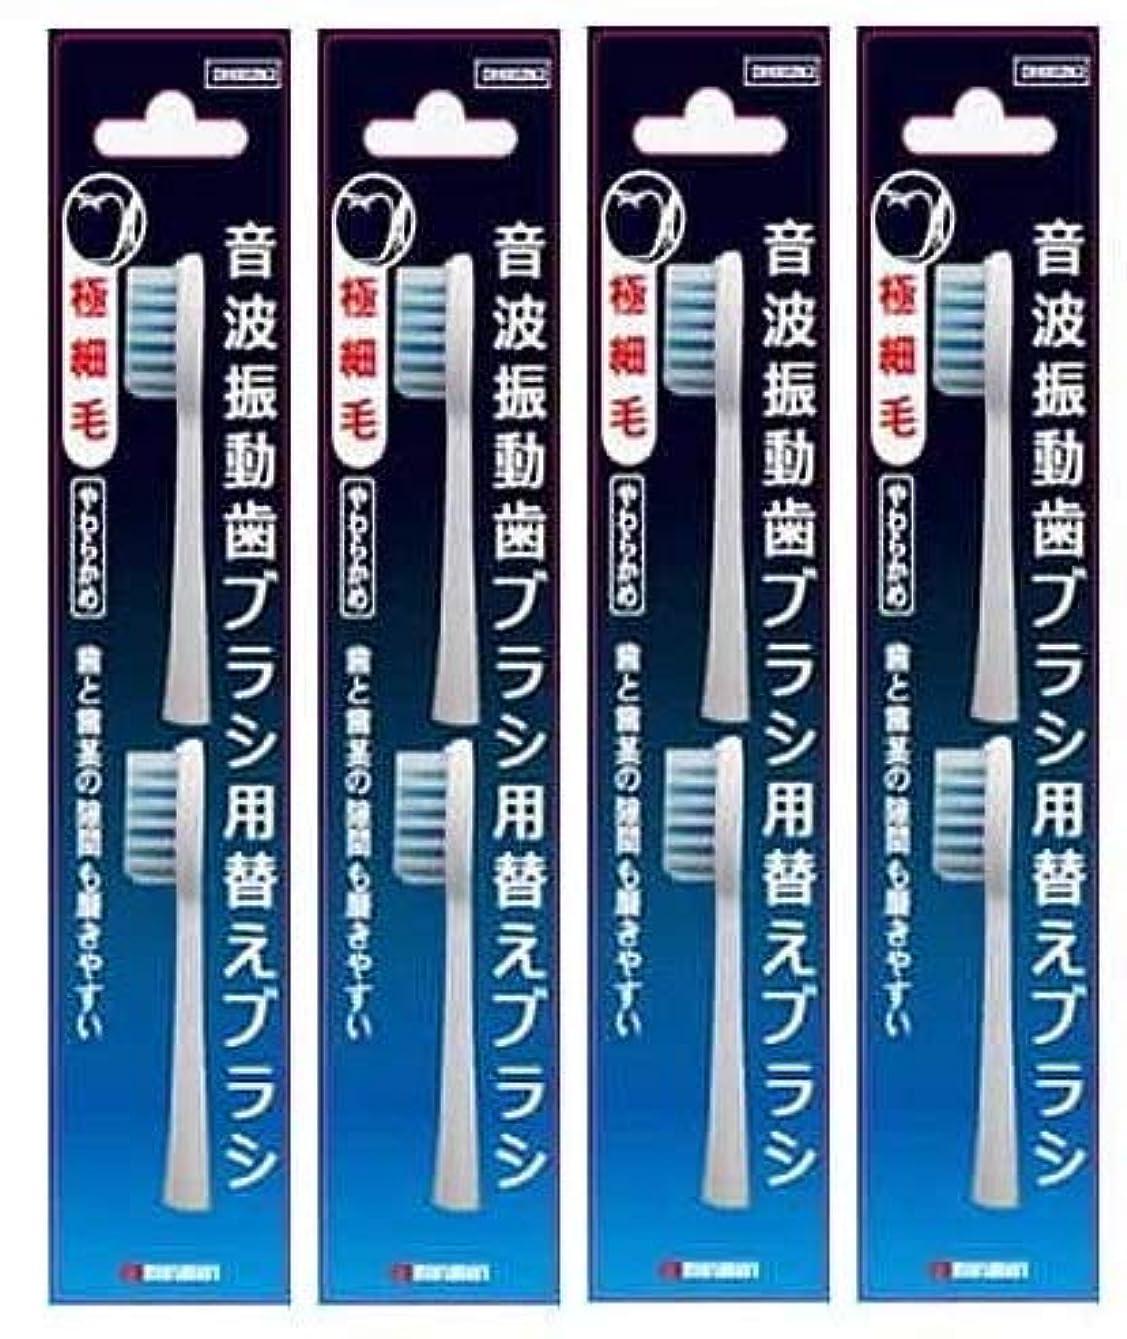 省マイナス深くマルマン 電動歯ブラシ ミニモ/プロソニック1/プロソニック2/プロソニック3 対応 替えブラシ 極細毛 2本組 DK002N2 4個セット